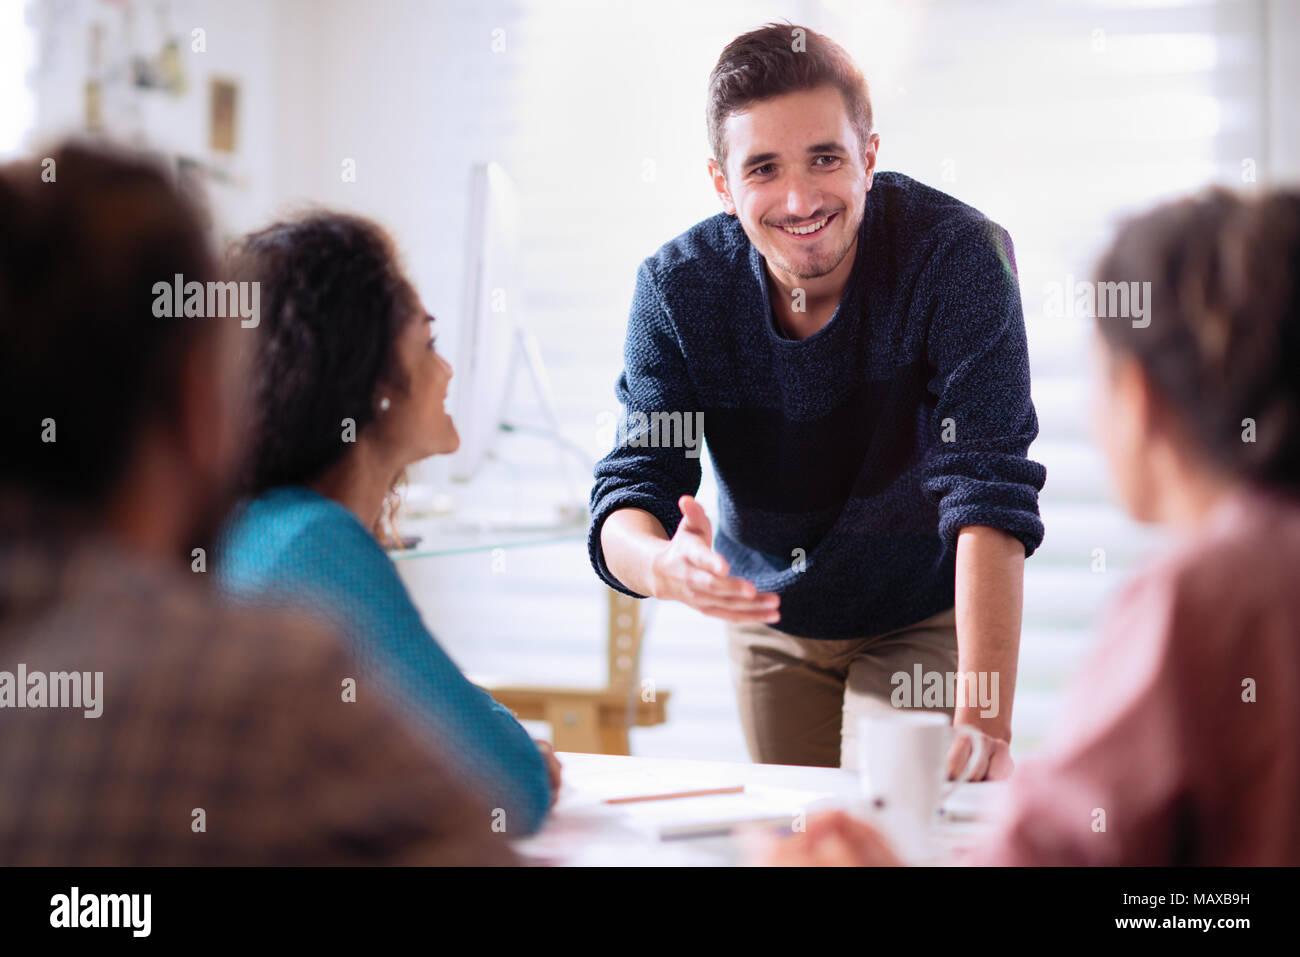 In einer Besprechung. Ein junger Mann sein Projekt präsentieren Stockbild